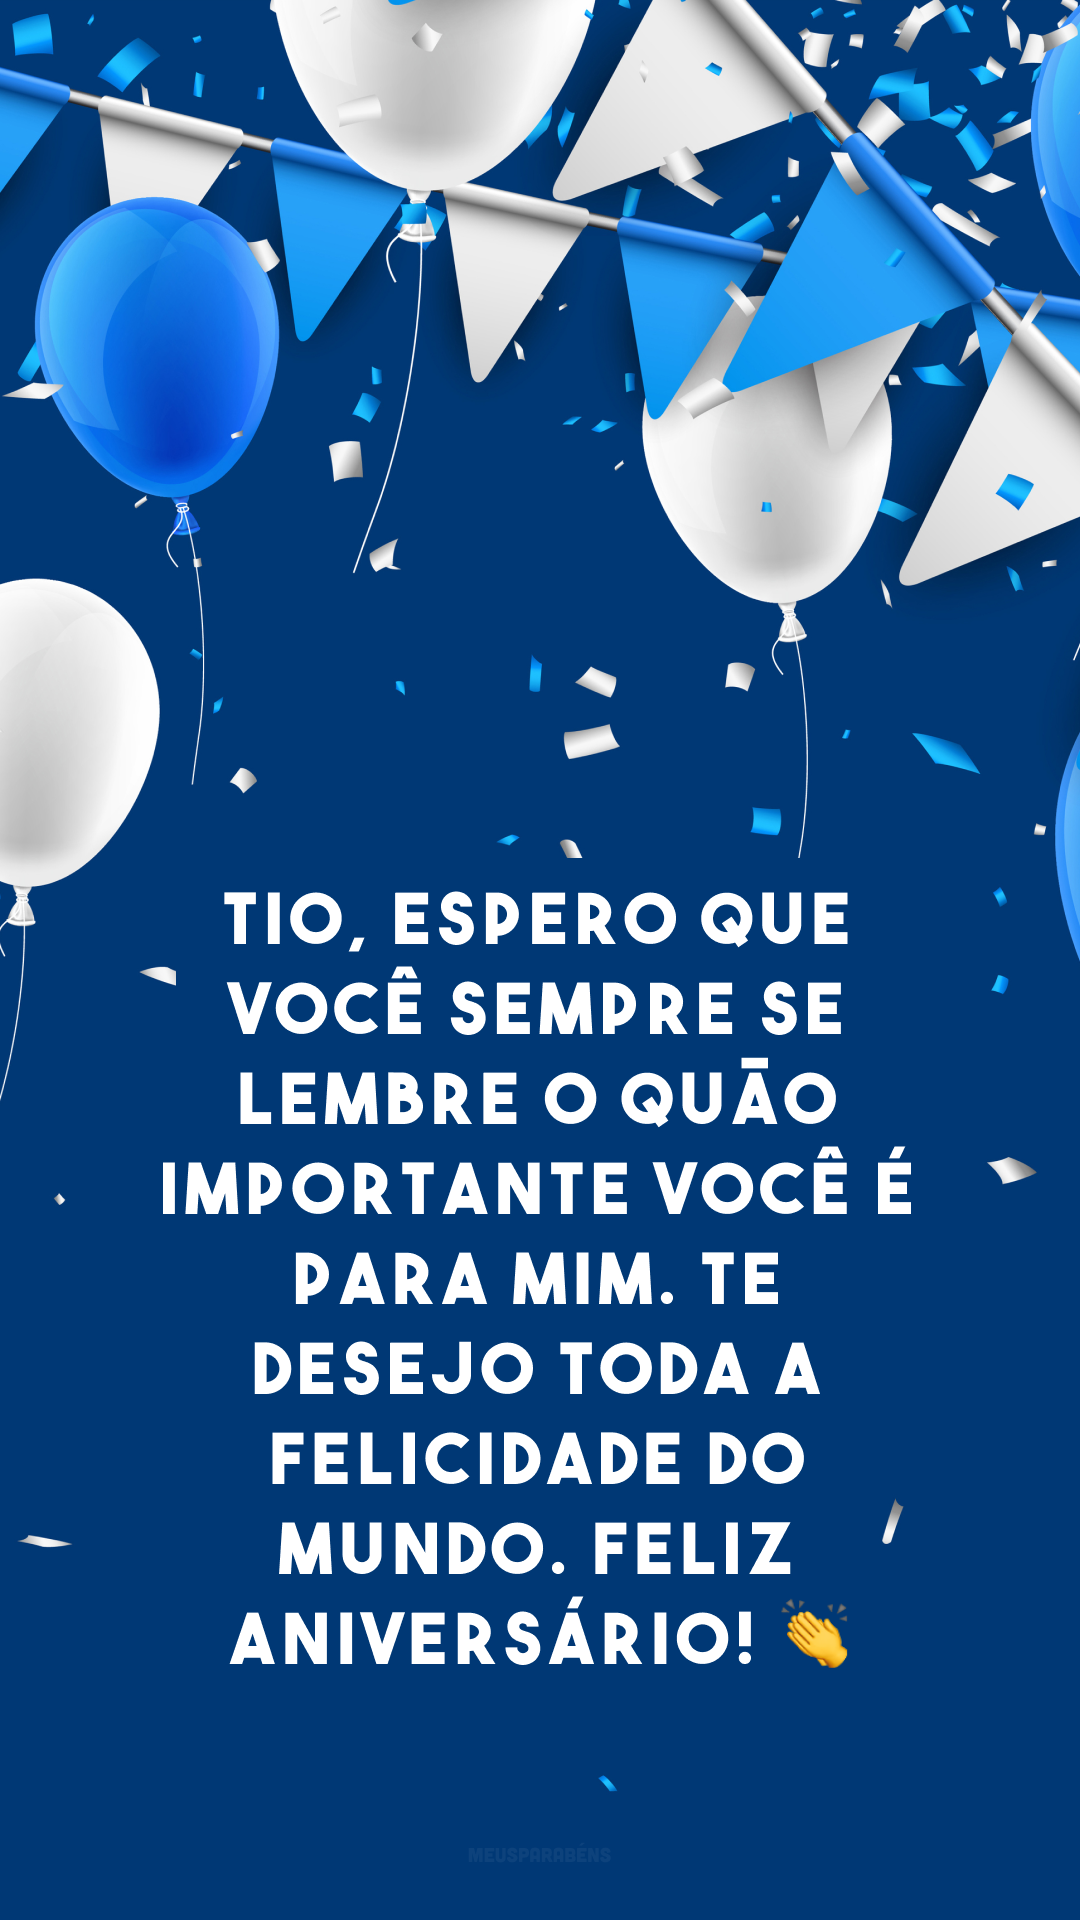 Tio, espero que você sempre se lembre o quão importante você é para mim. Te desejo toda a felicidade do mundo. Feliz aniversário! ?